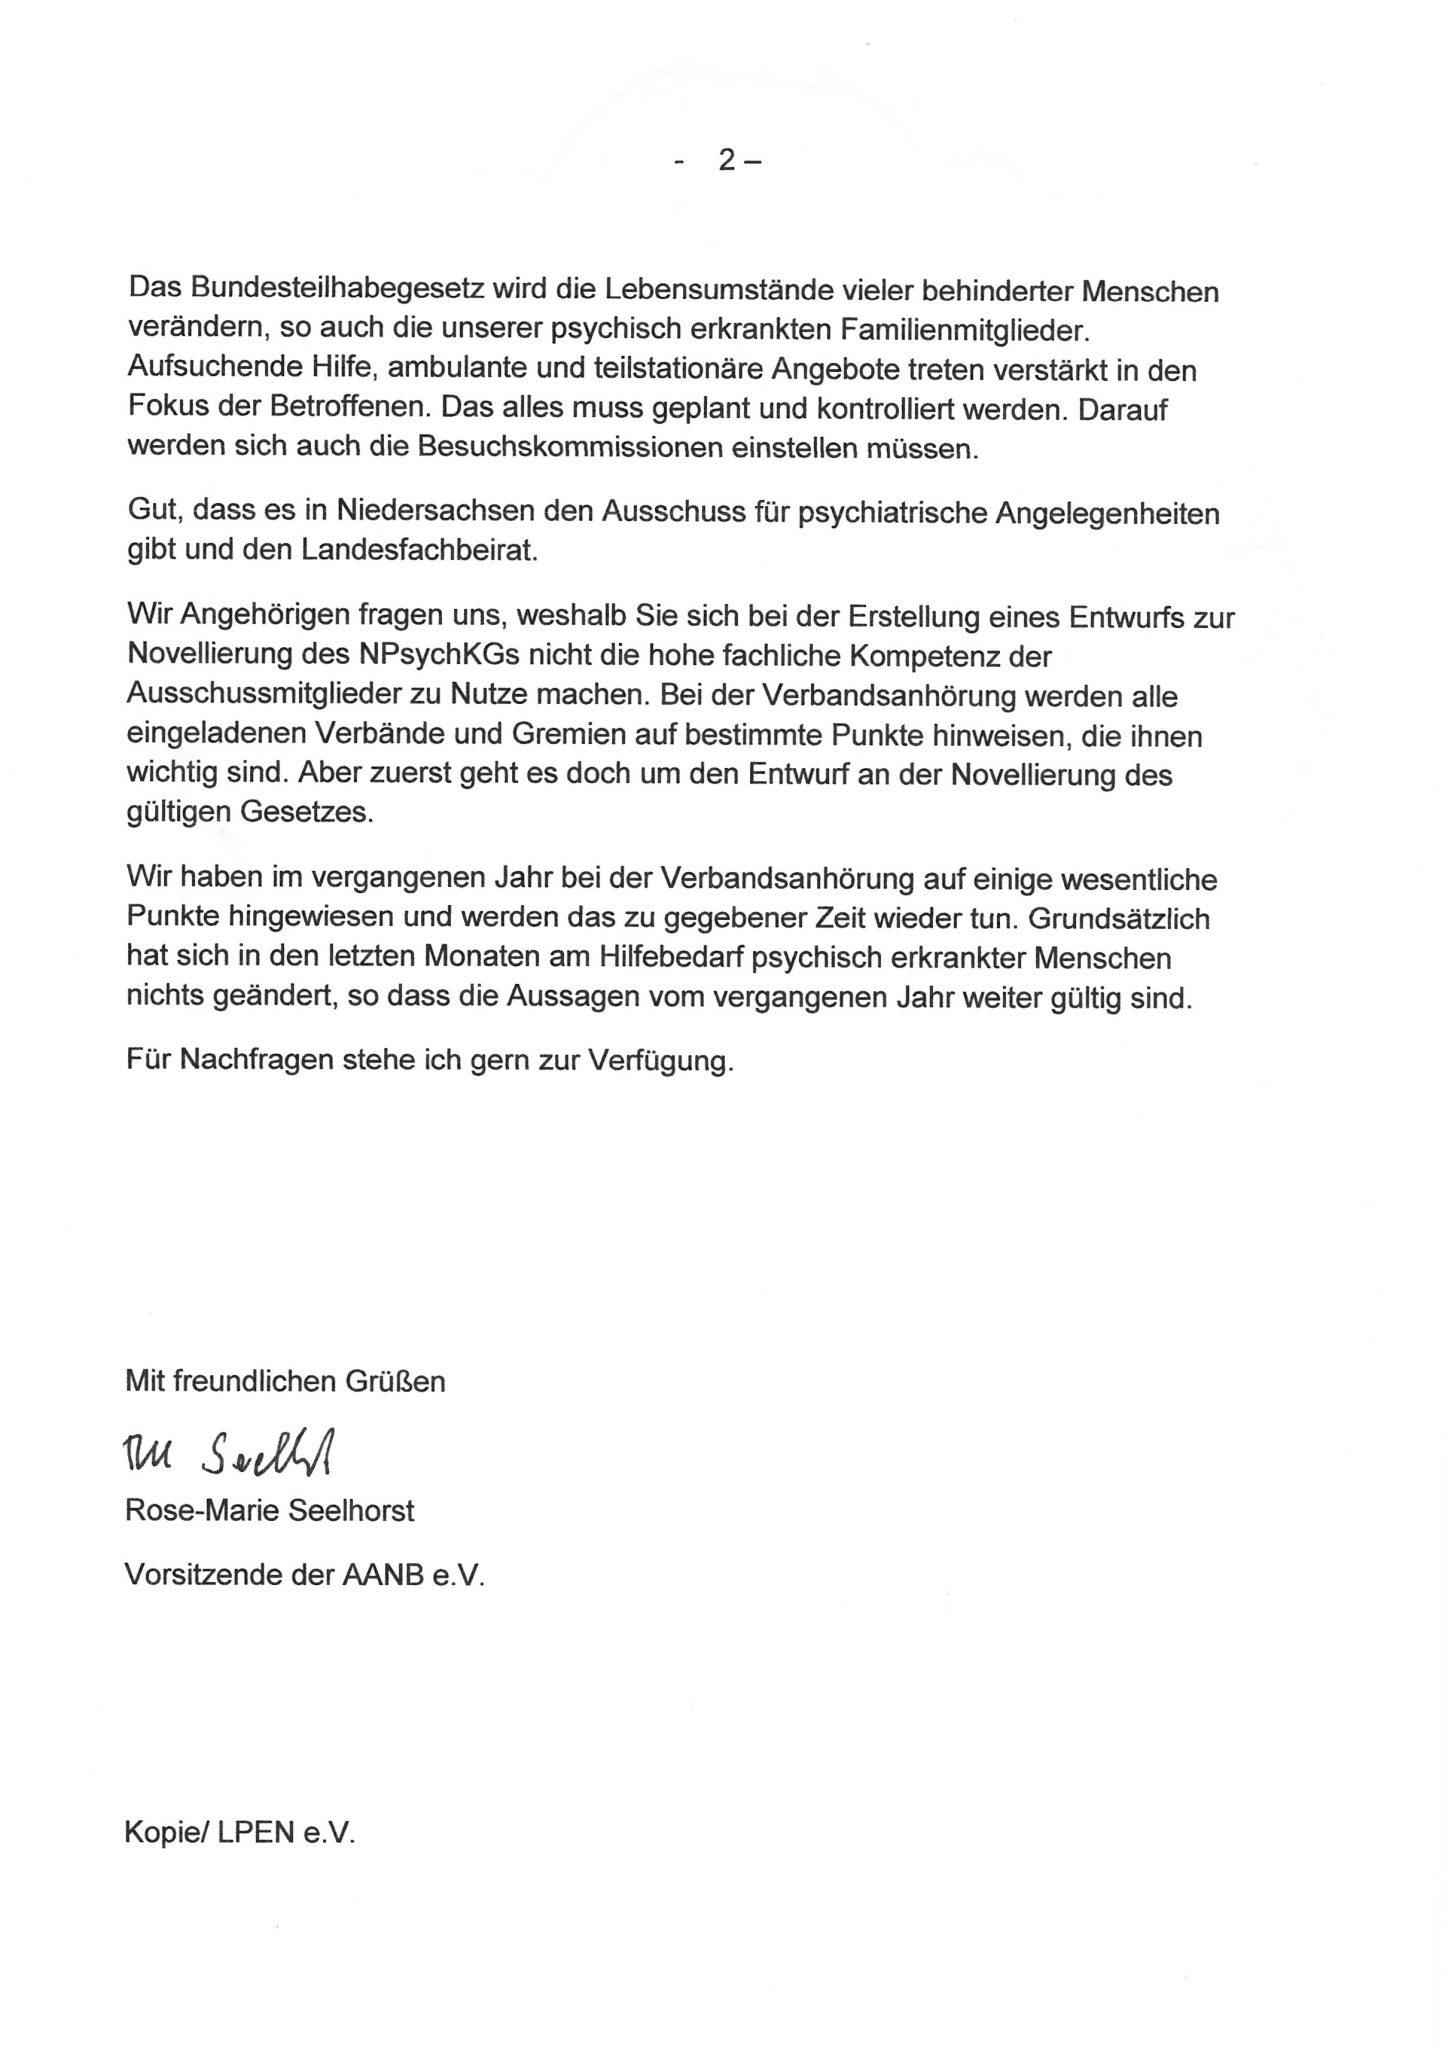 Schreiben vom 27.02.2019 unserer Vorsitzenden, Frau Rose-Marie Seelhorst, an die Niedersächsische Sozialministerin, Frau Dr. Carola Reimann - Seite 2